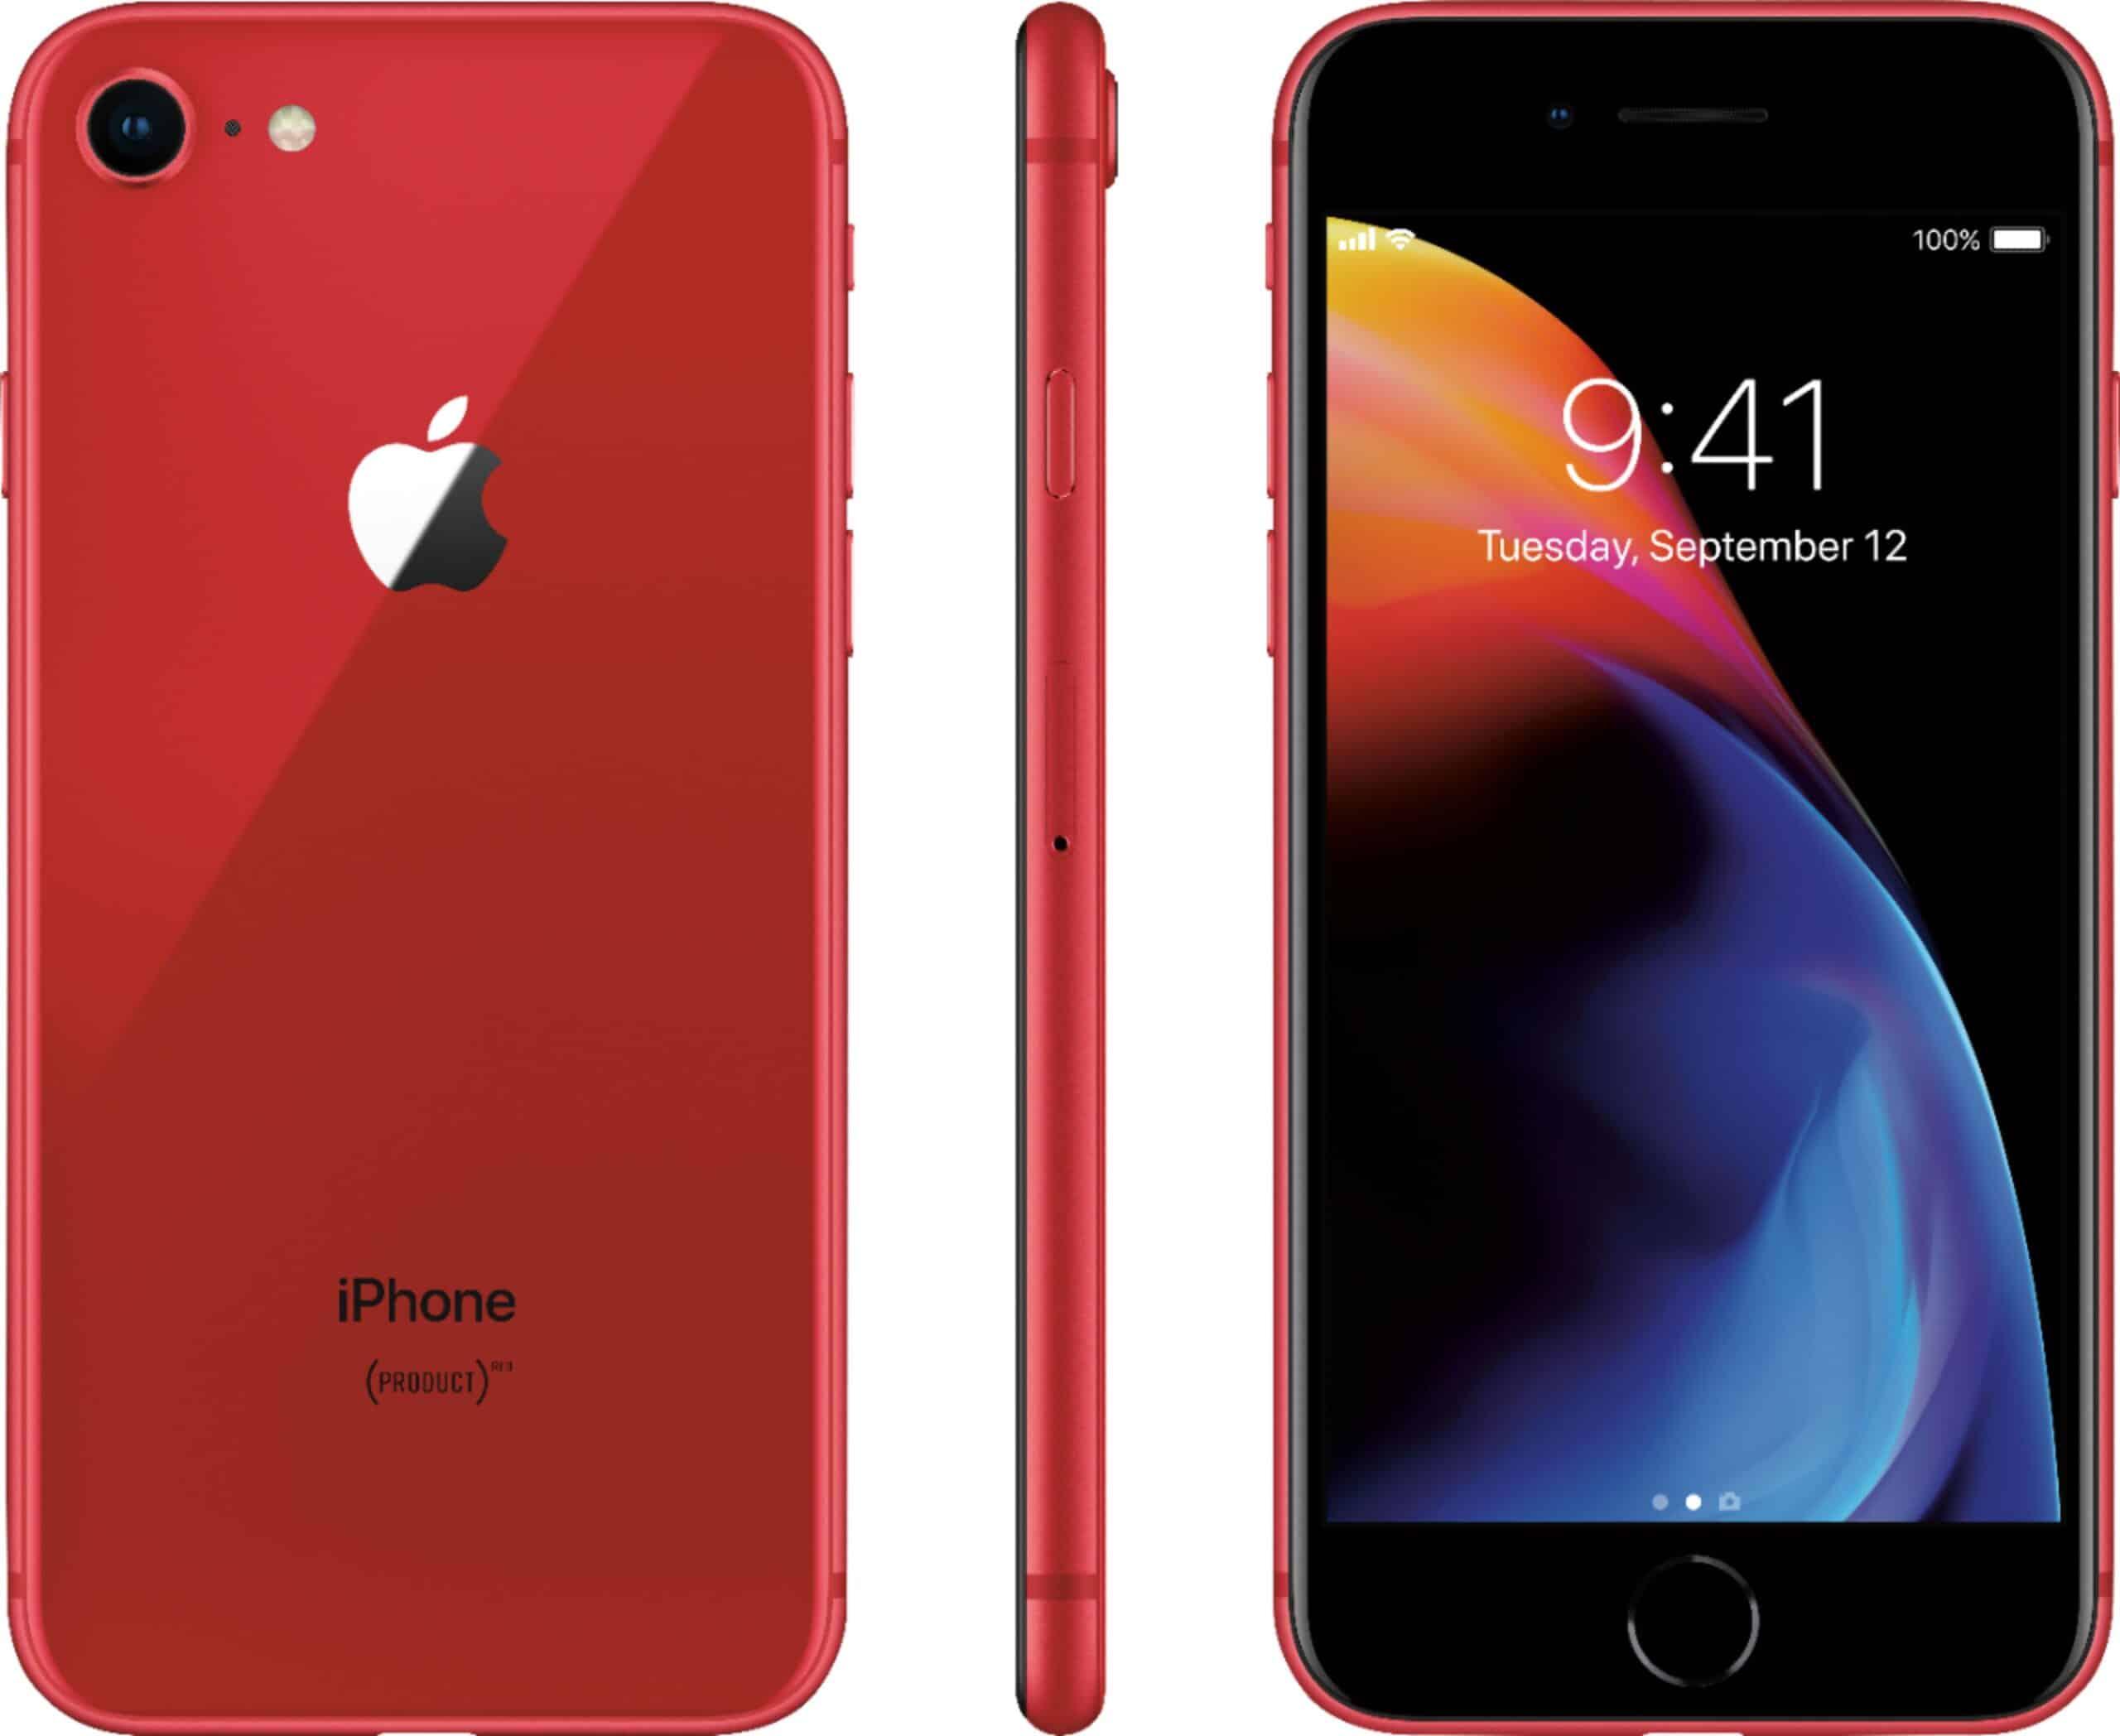 %D8%A2%D9%8A%D9%81%D9%88%D9%86-8 مراجعة آيفون 8: لا تنخدع بالإسم فهذا مجرد iPhone 7S